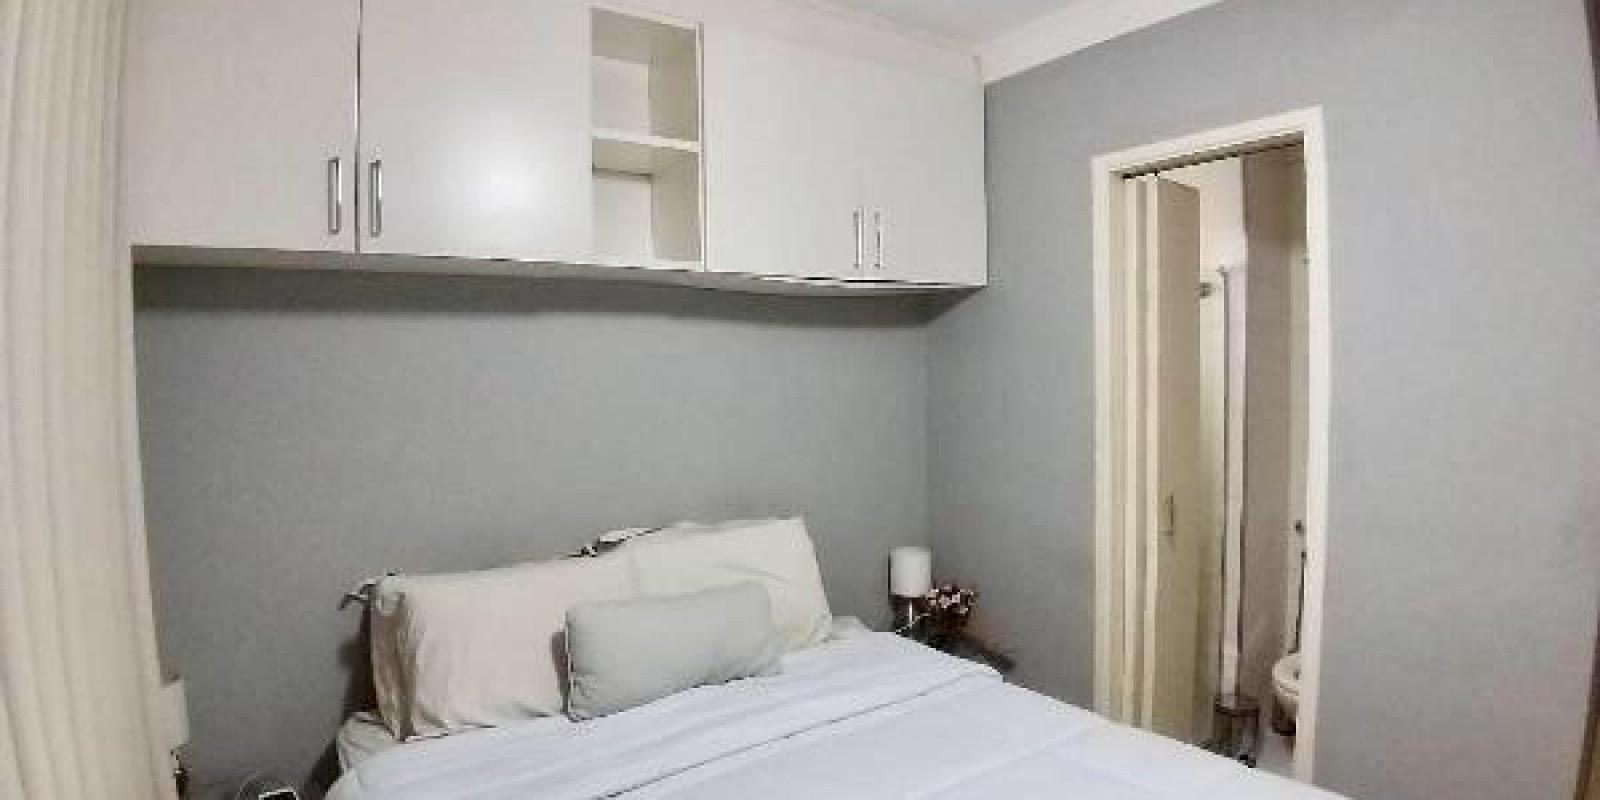 Apartamento na Barra Funda Sp - Foto 6 de 20